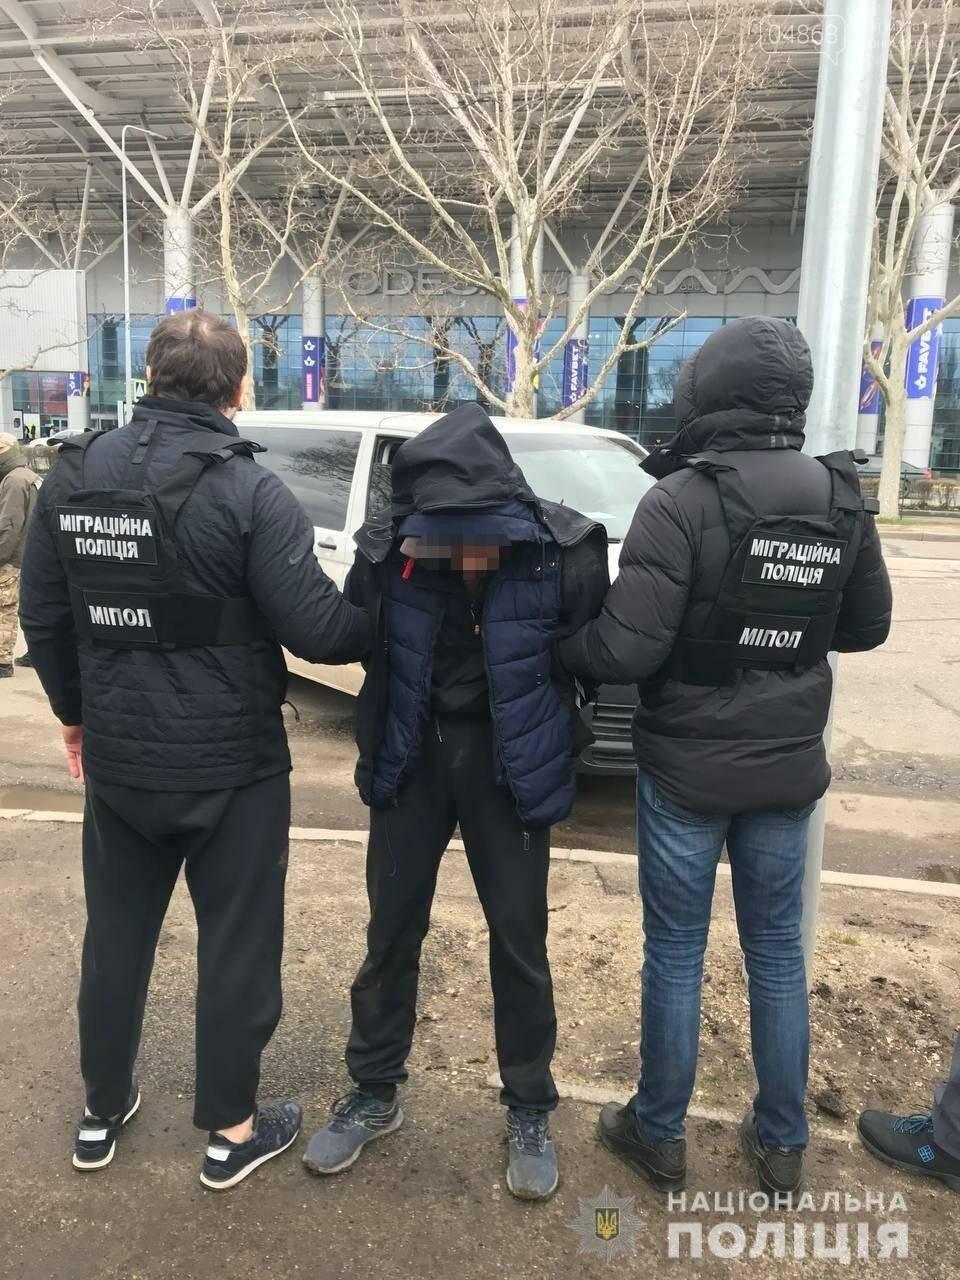 В Одессе подозреваемый пытался вывезти в Турцию завербованных мужчин, фото-2